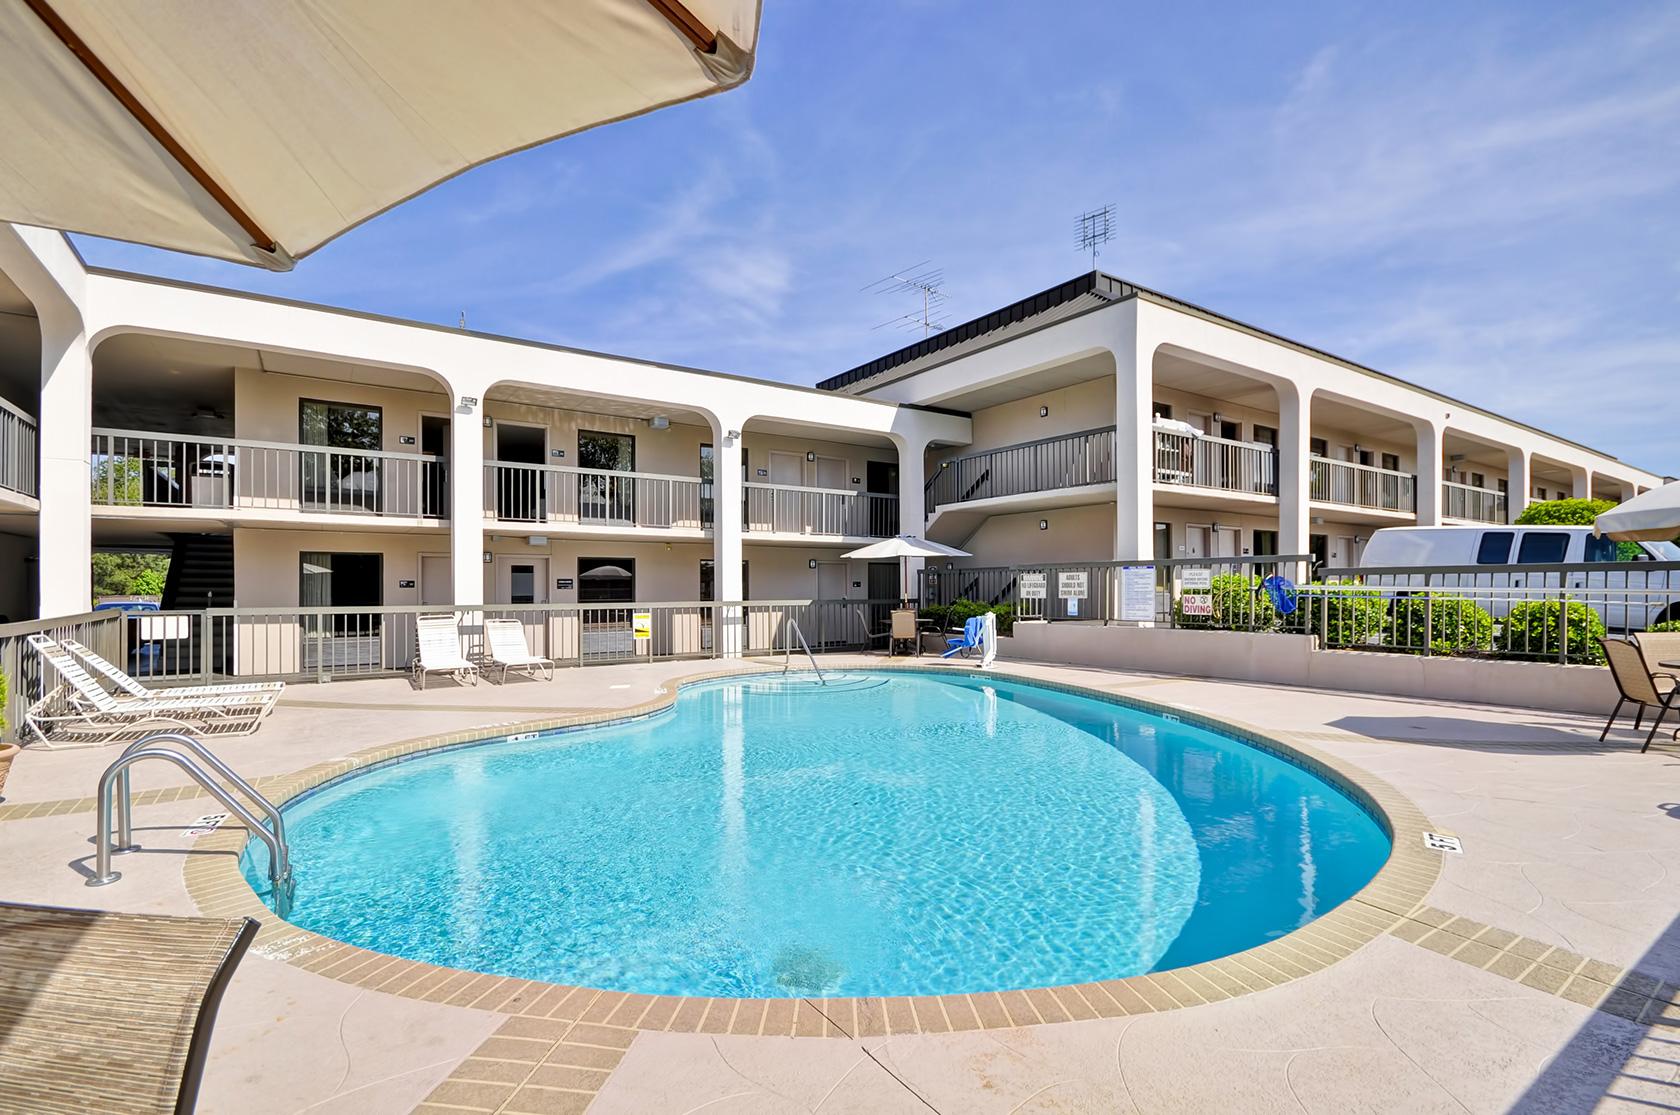 Red Lion Inn & Suites Fayetteville I-95 image 12